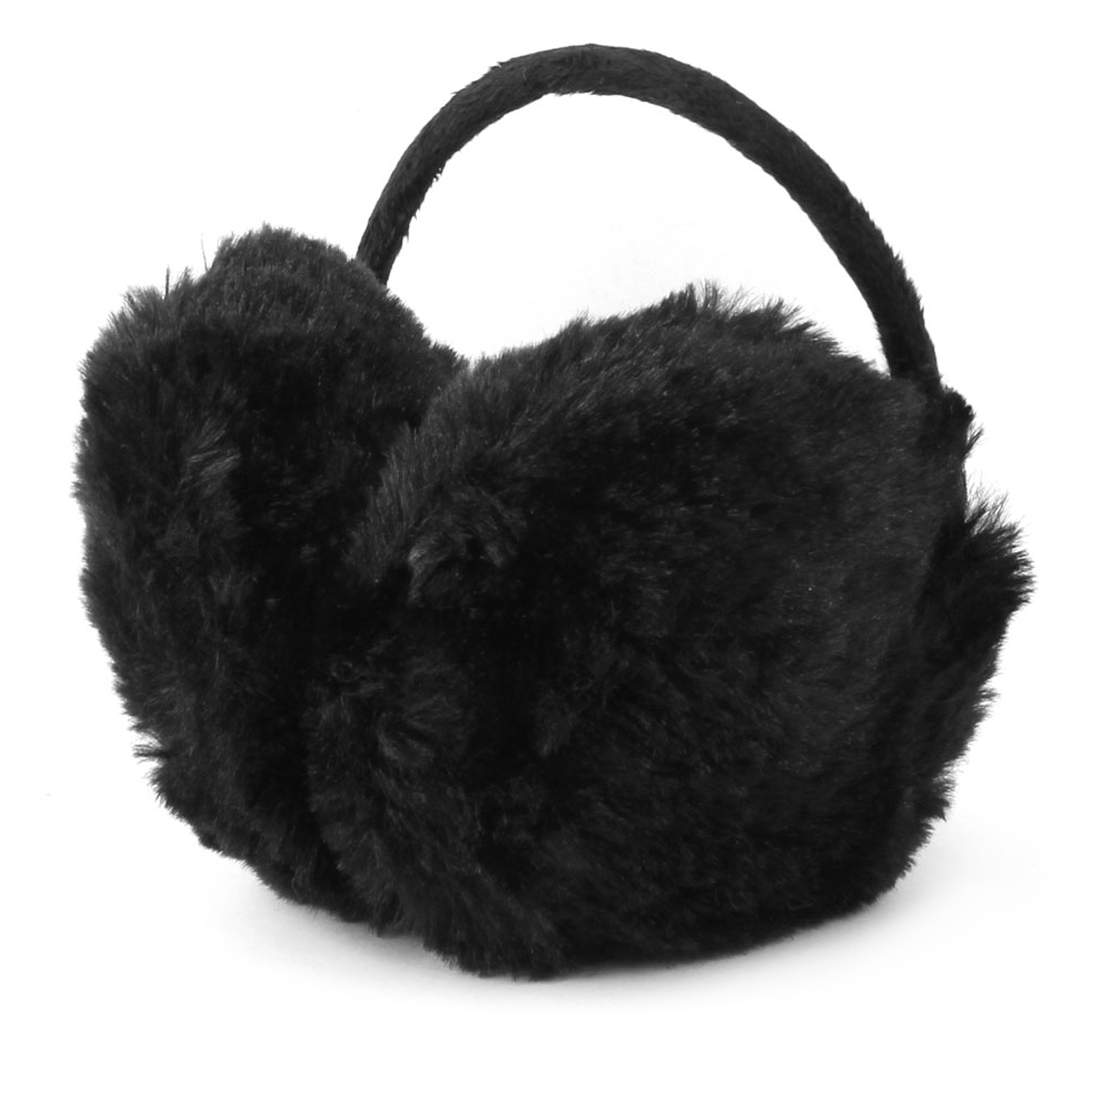 Outdoor Winter Warm Earcap Plush Ear Warmers Earmuffs Black for Ladies